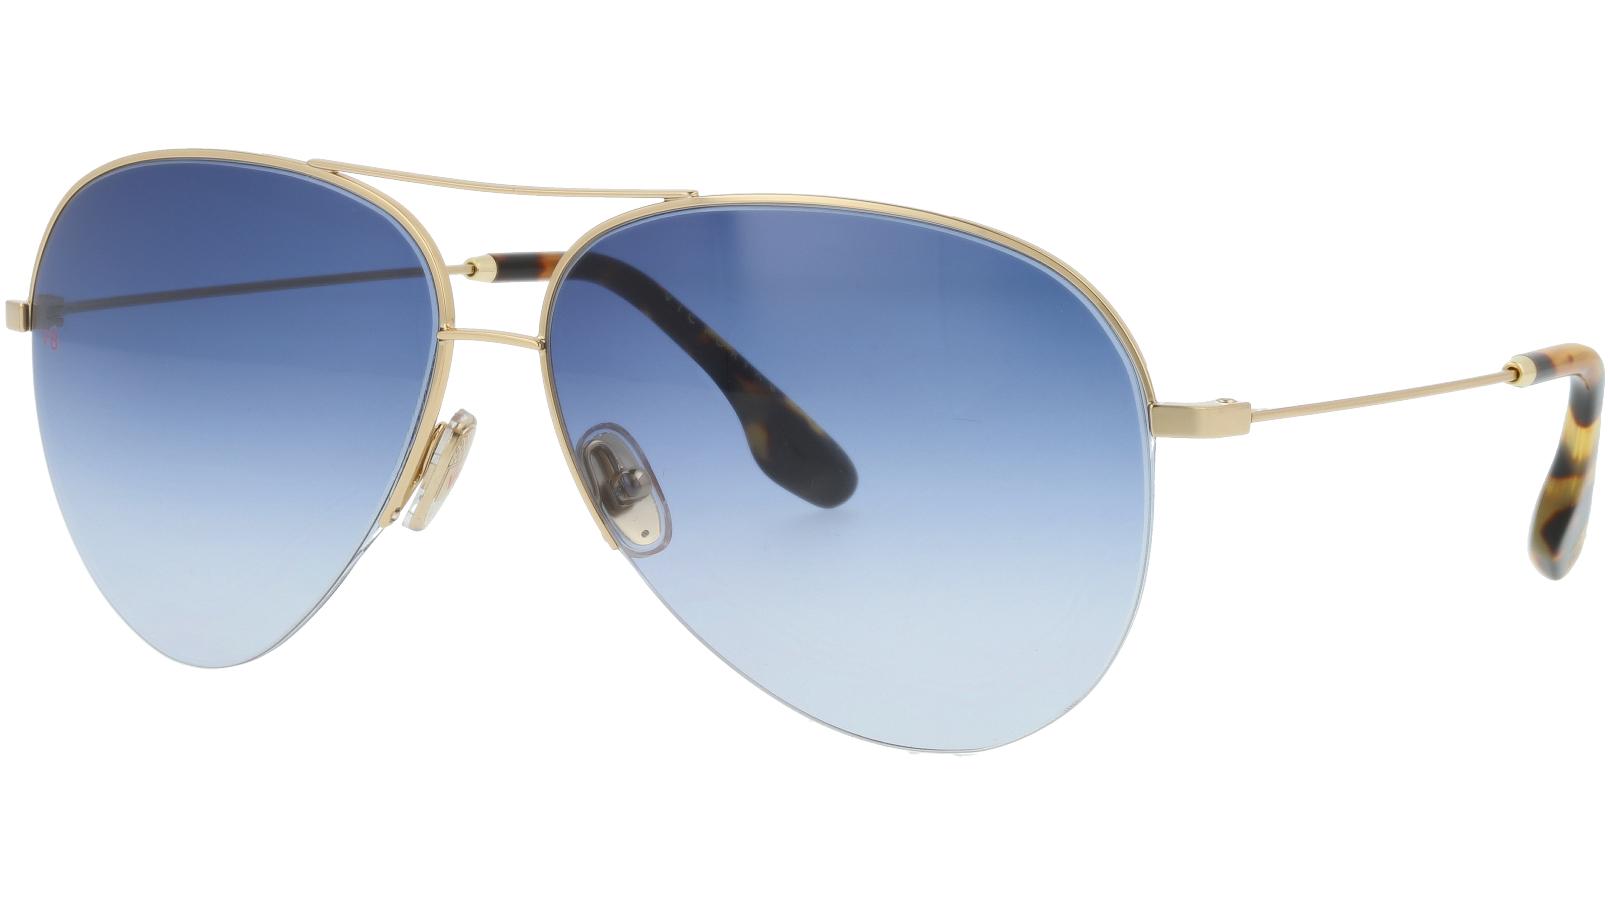 Victoria Beckham VB90S 720 62 Gold Sunglasses